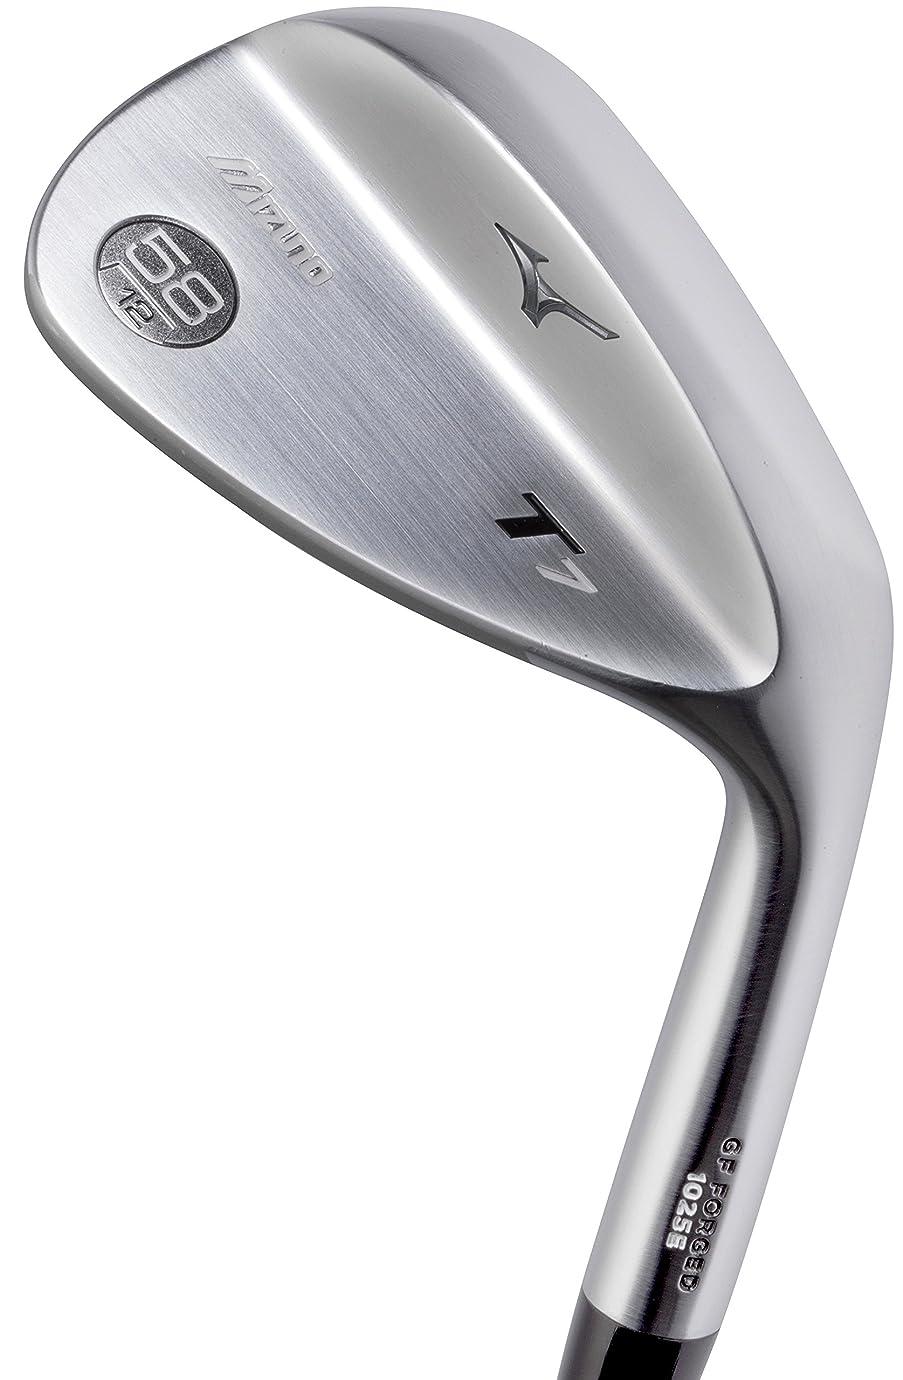 四半期プレゼン申し込む[ミズノ] ゴルフクラブ T7 ウエッジ T7 WEDGE MODUS3 WEDGE 105 スチールシャフト付 5KJXB68190